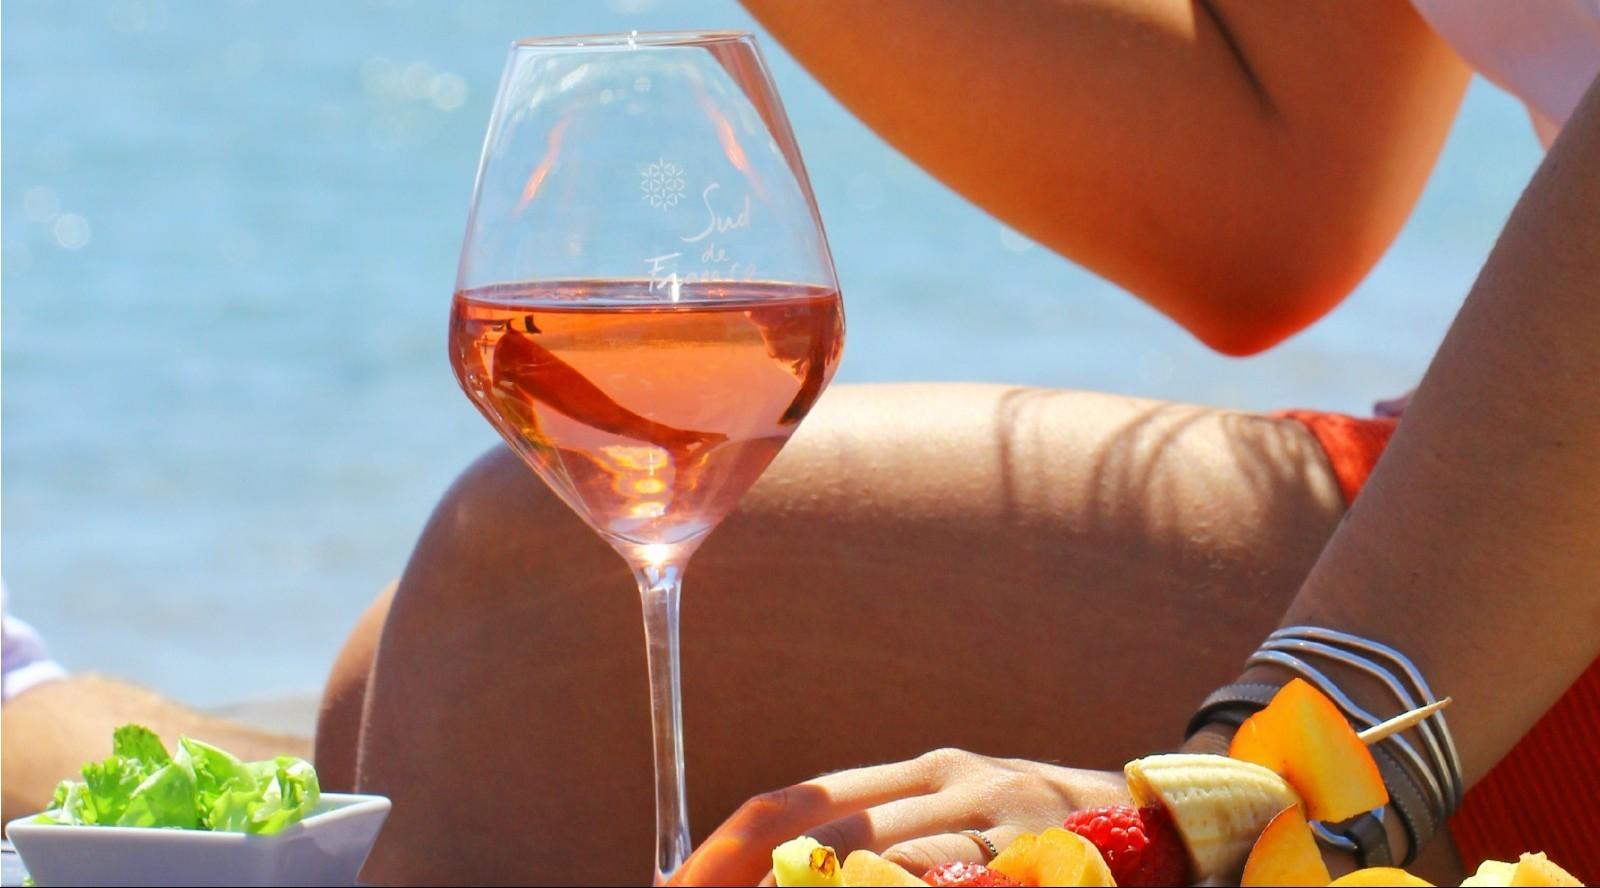 Vinhos rosé combinam bem com o clima deste feriado (Foto: Reprodução)